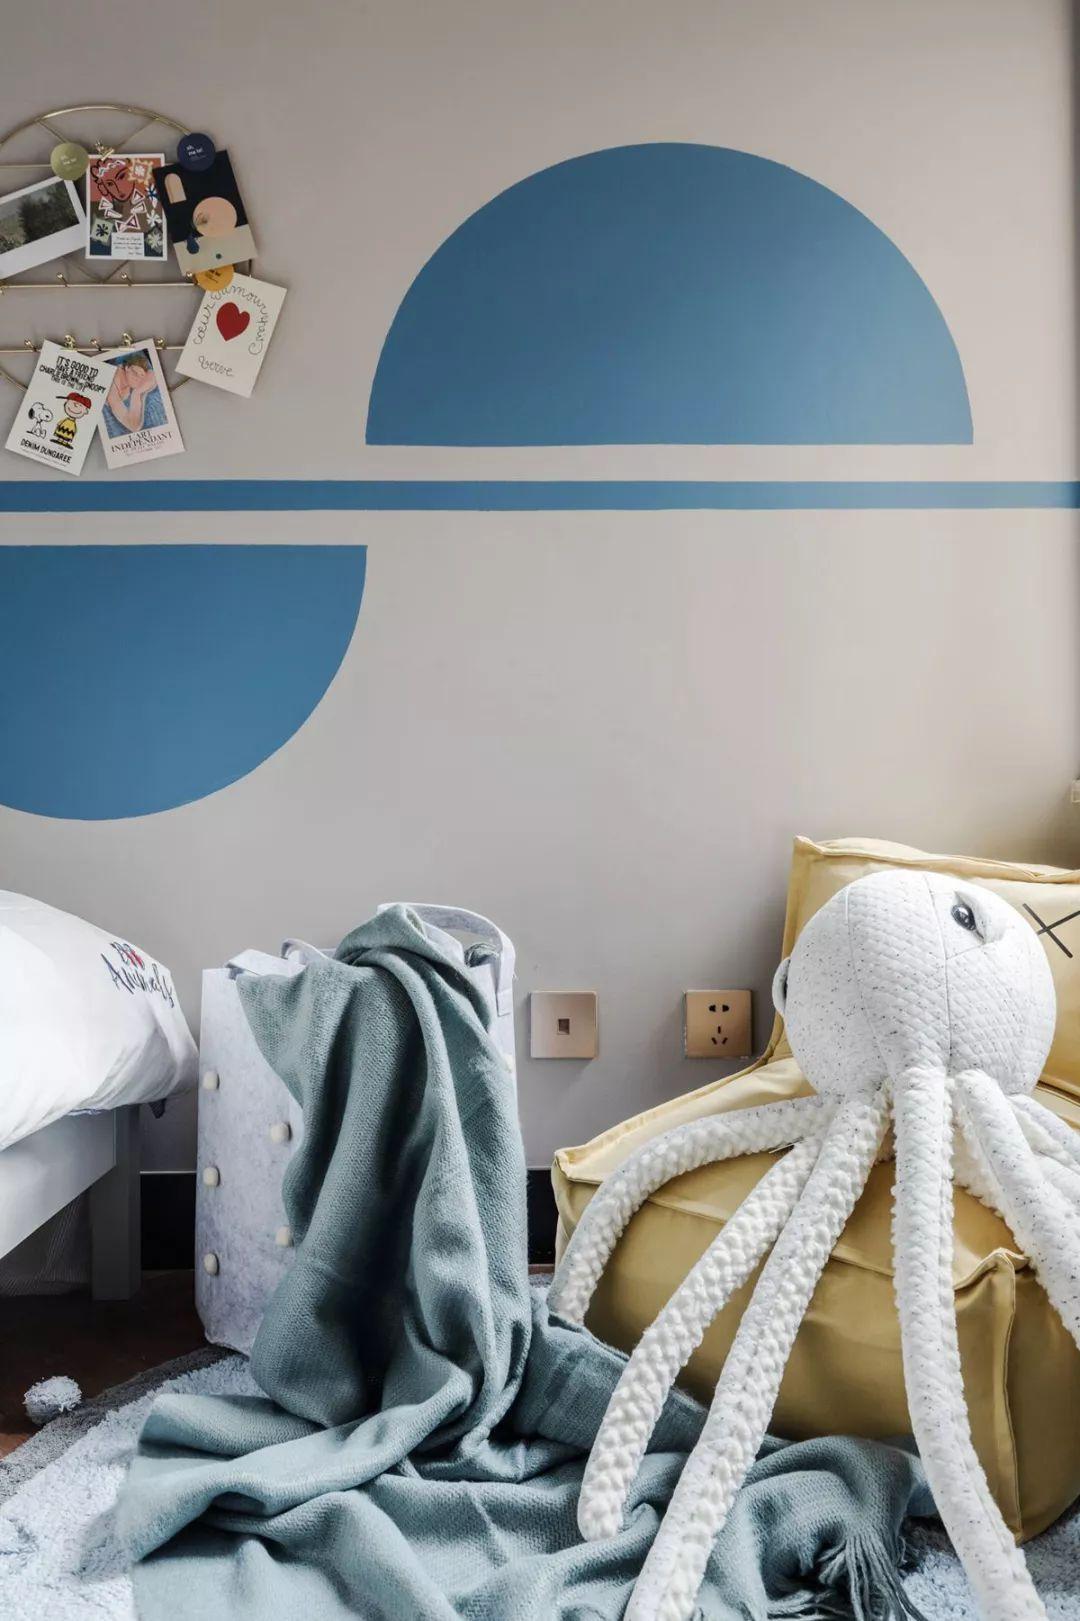 八爪鱼抱枕、还有梦幻的灯串,营造出一个活泼轻松的儿童空间。